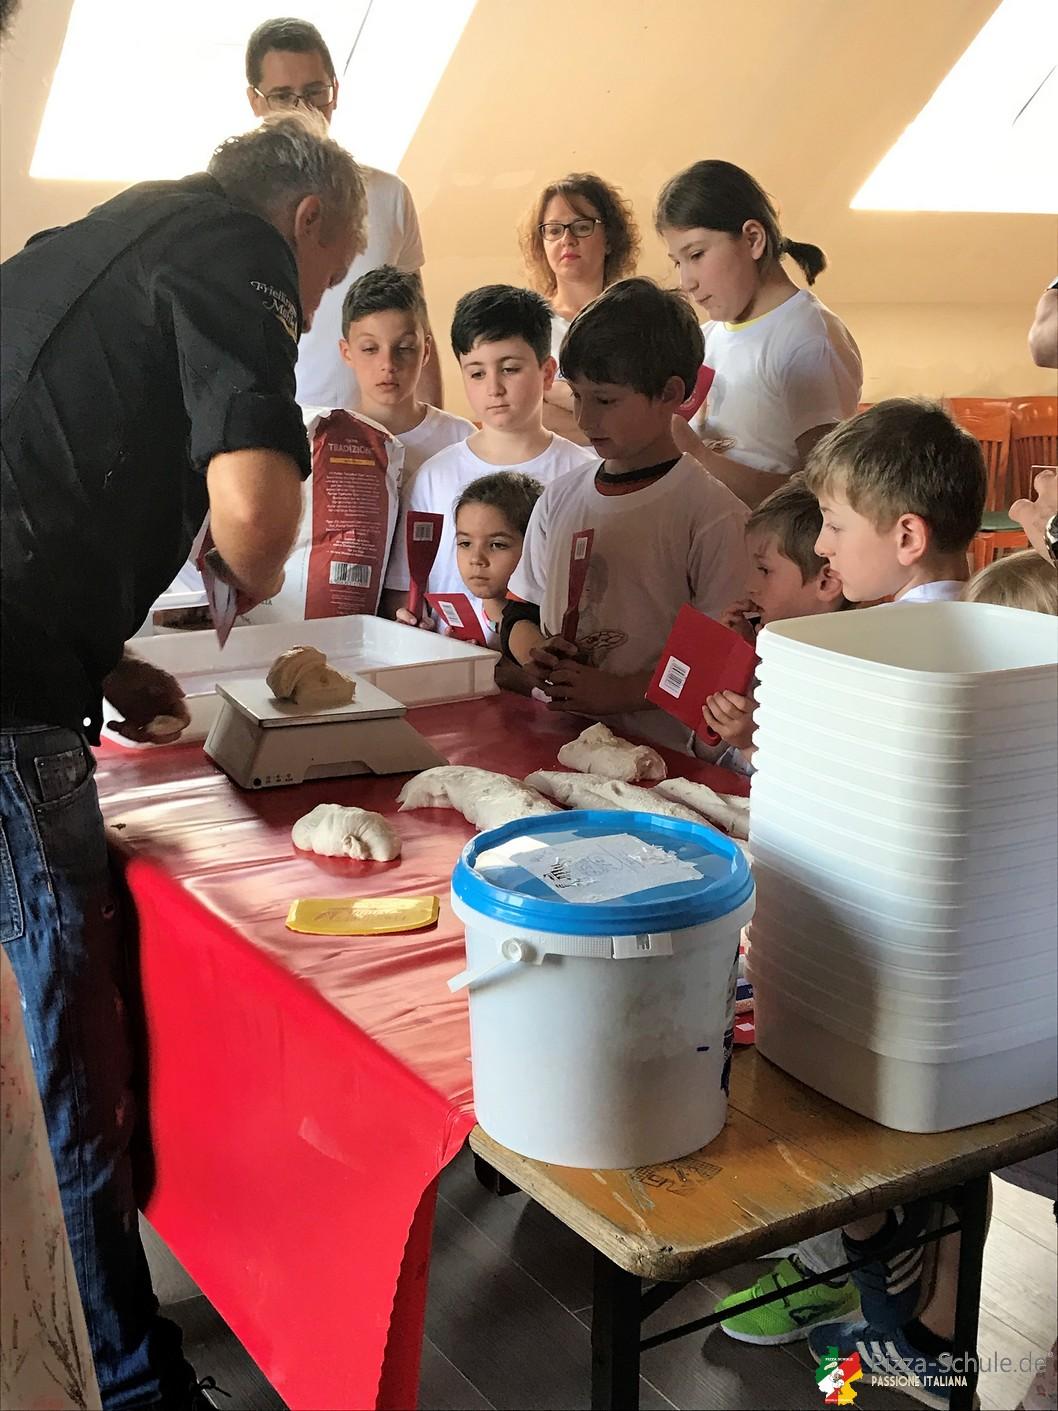 Pizza, Spass und Familie in Köln 22 April 2018